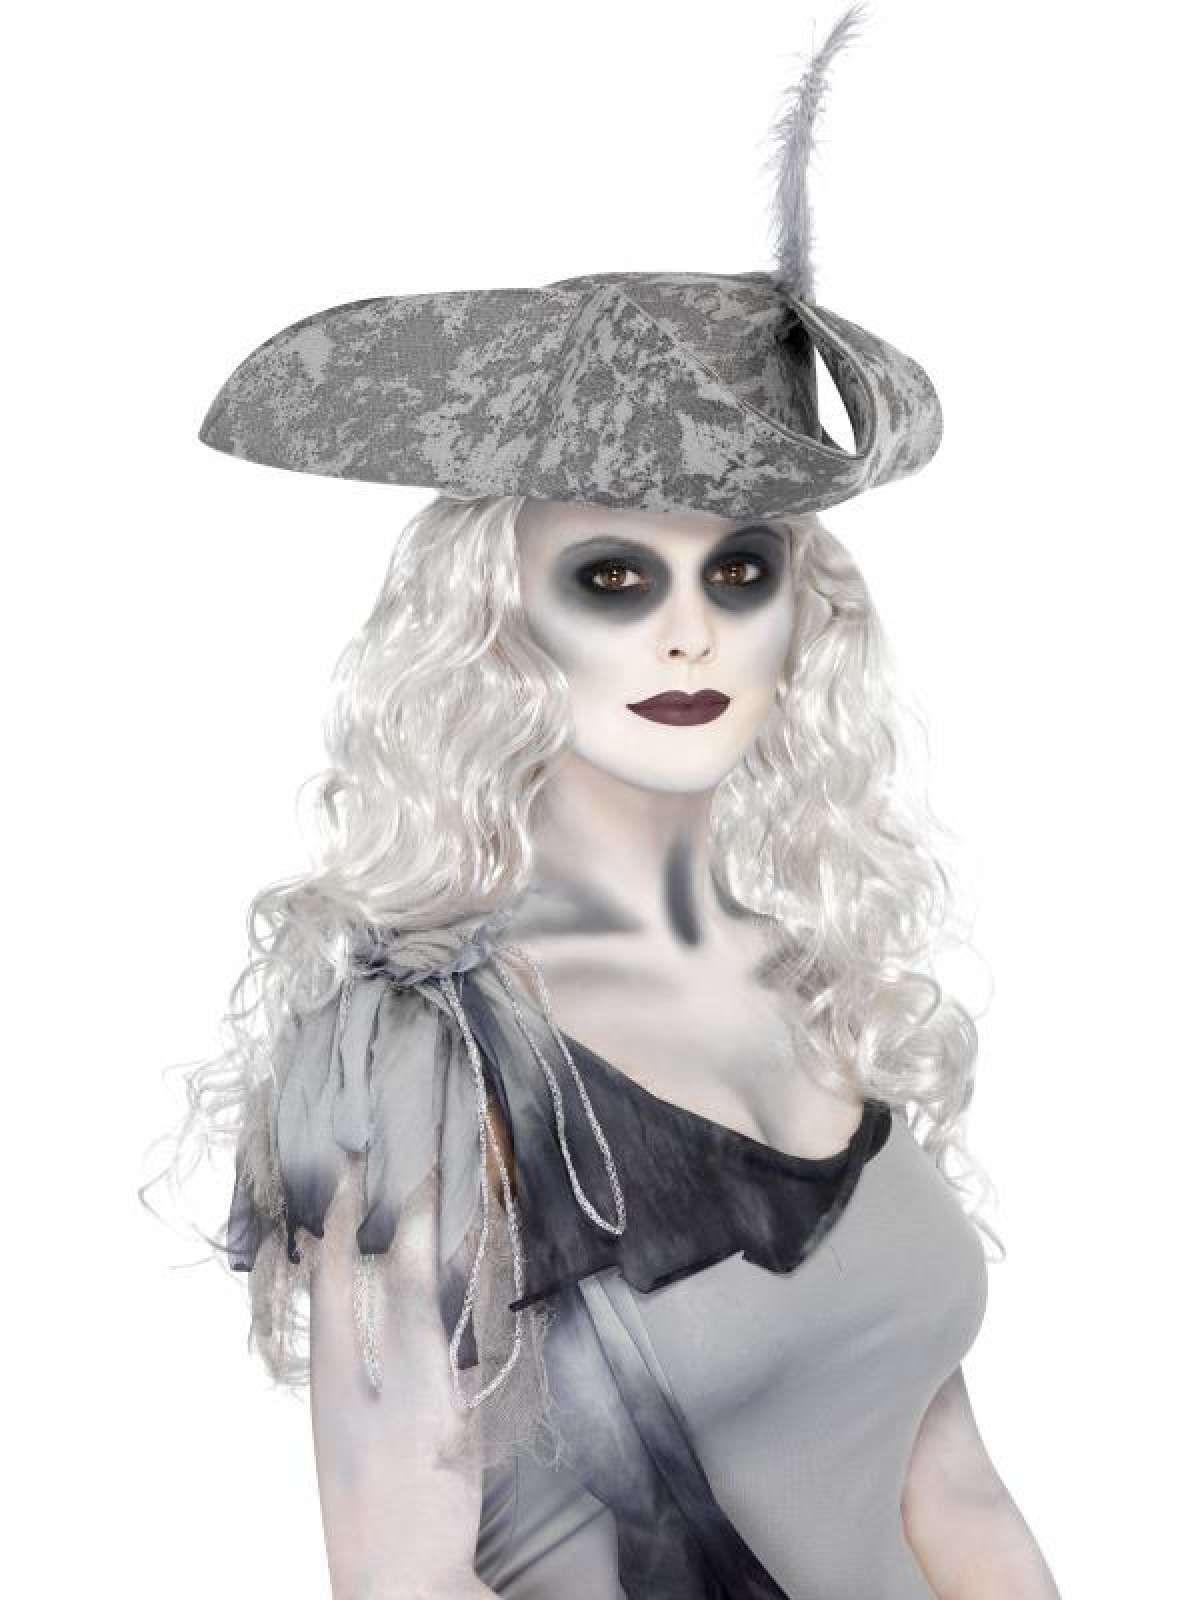 Ghost makeup #deguisementfantomeenfant